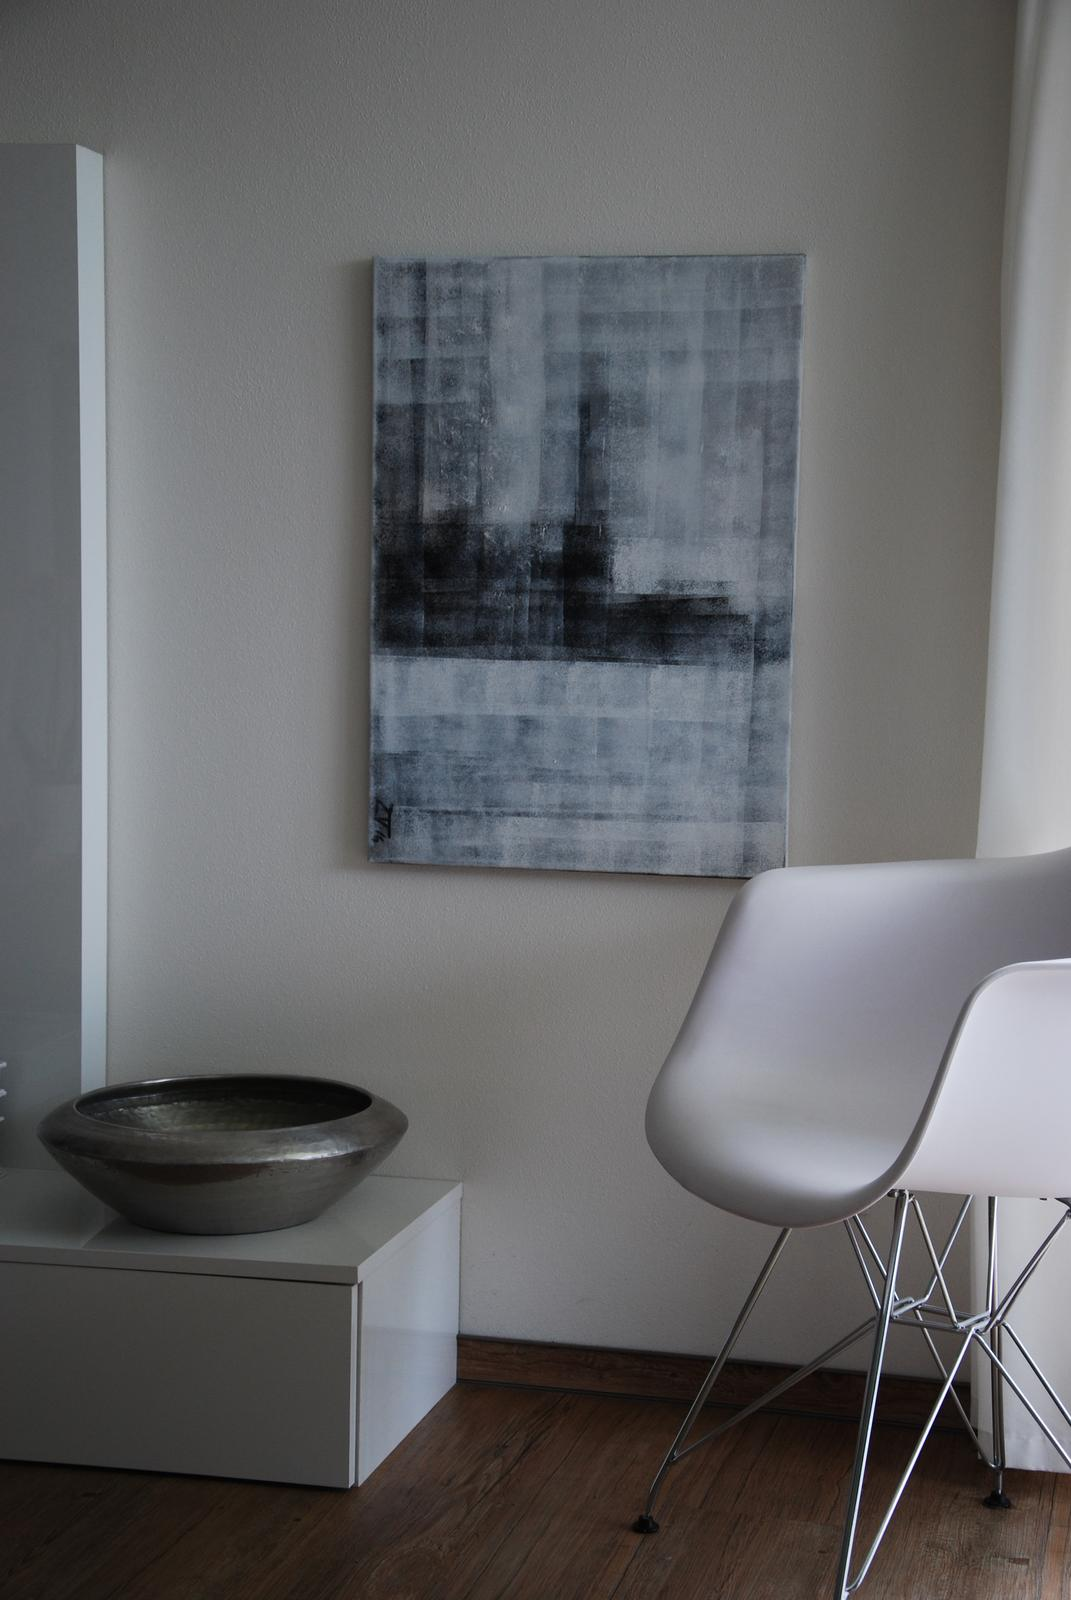 Mé obrazy v interiérech - Geometrie I., akryl 50x70 cm, cena 2300kč